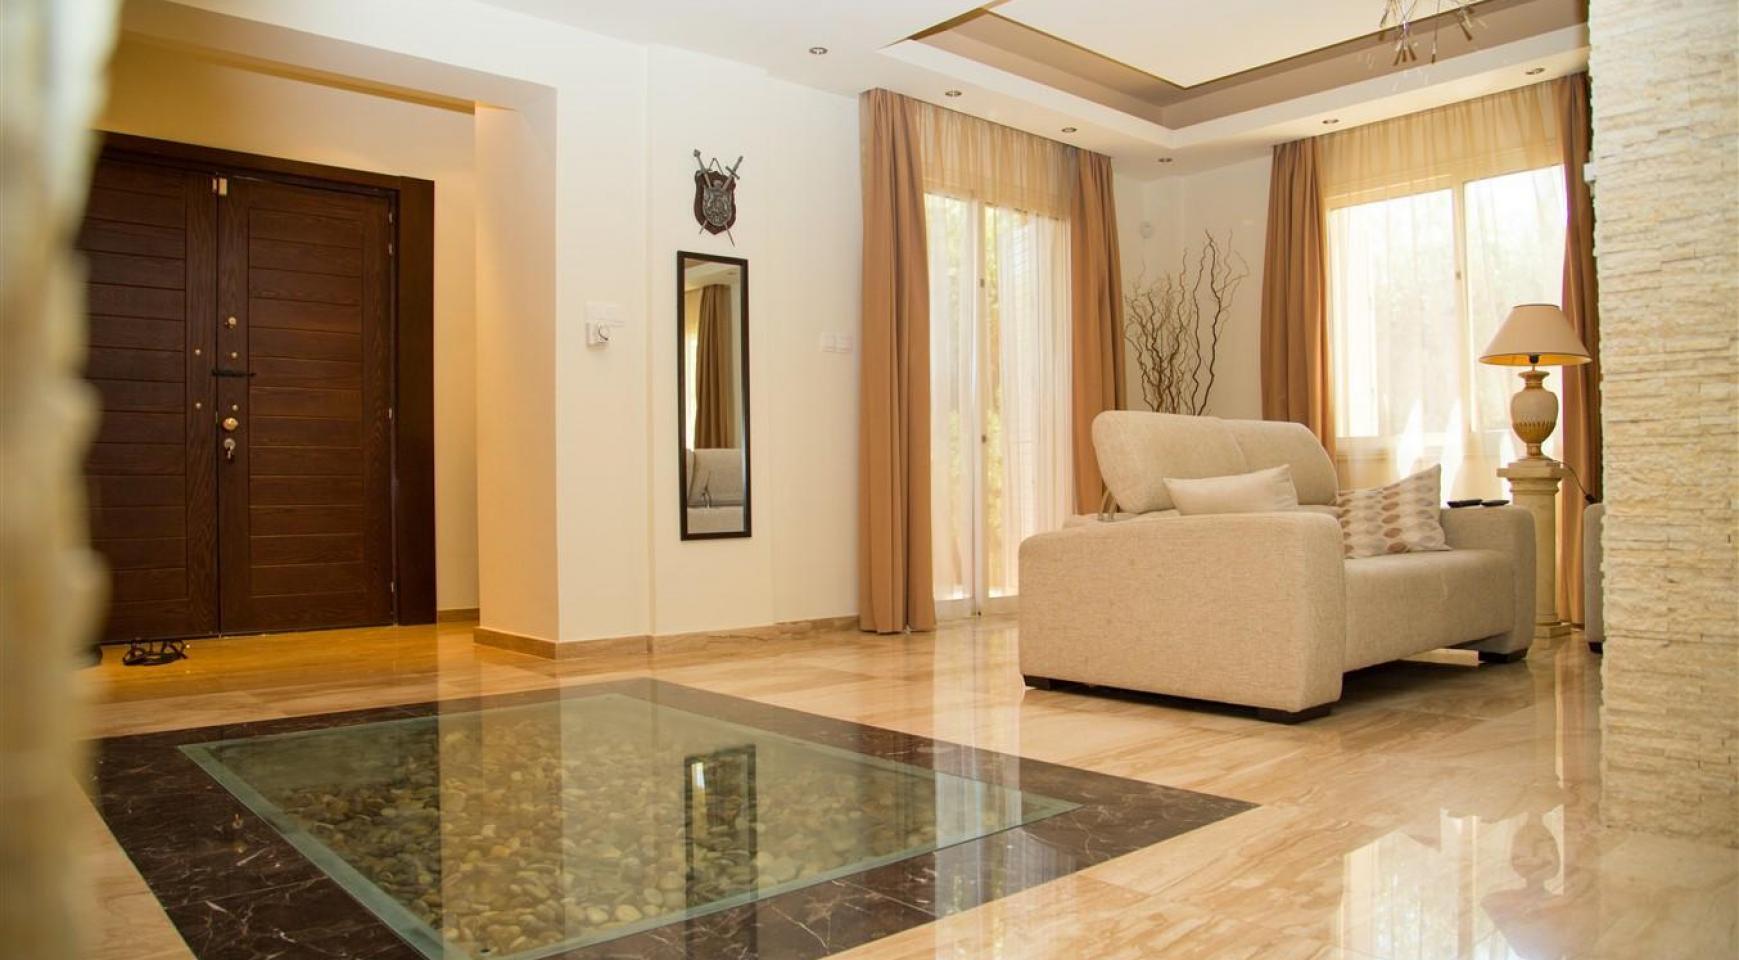 Luxurious 4 Bedroom Villa near the Sea - 10